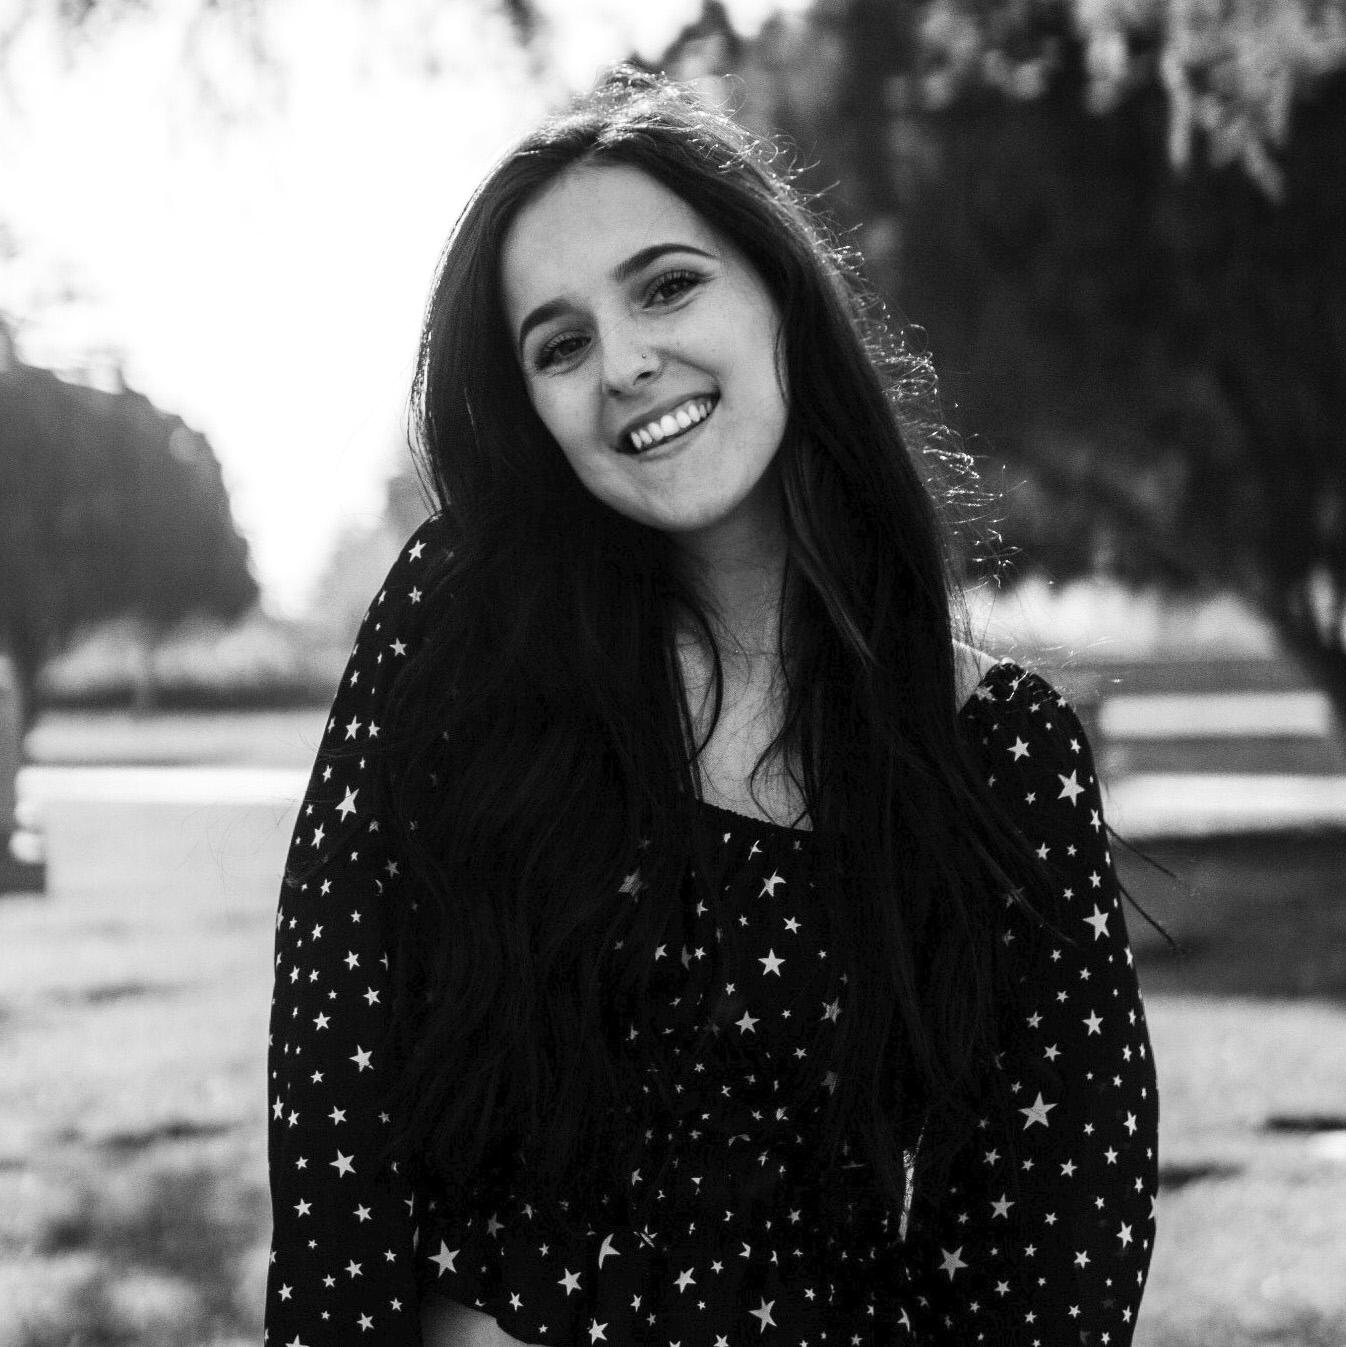 Alexa Dordoni